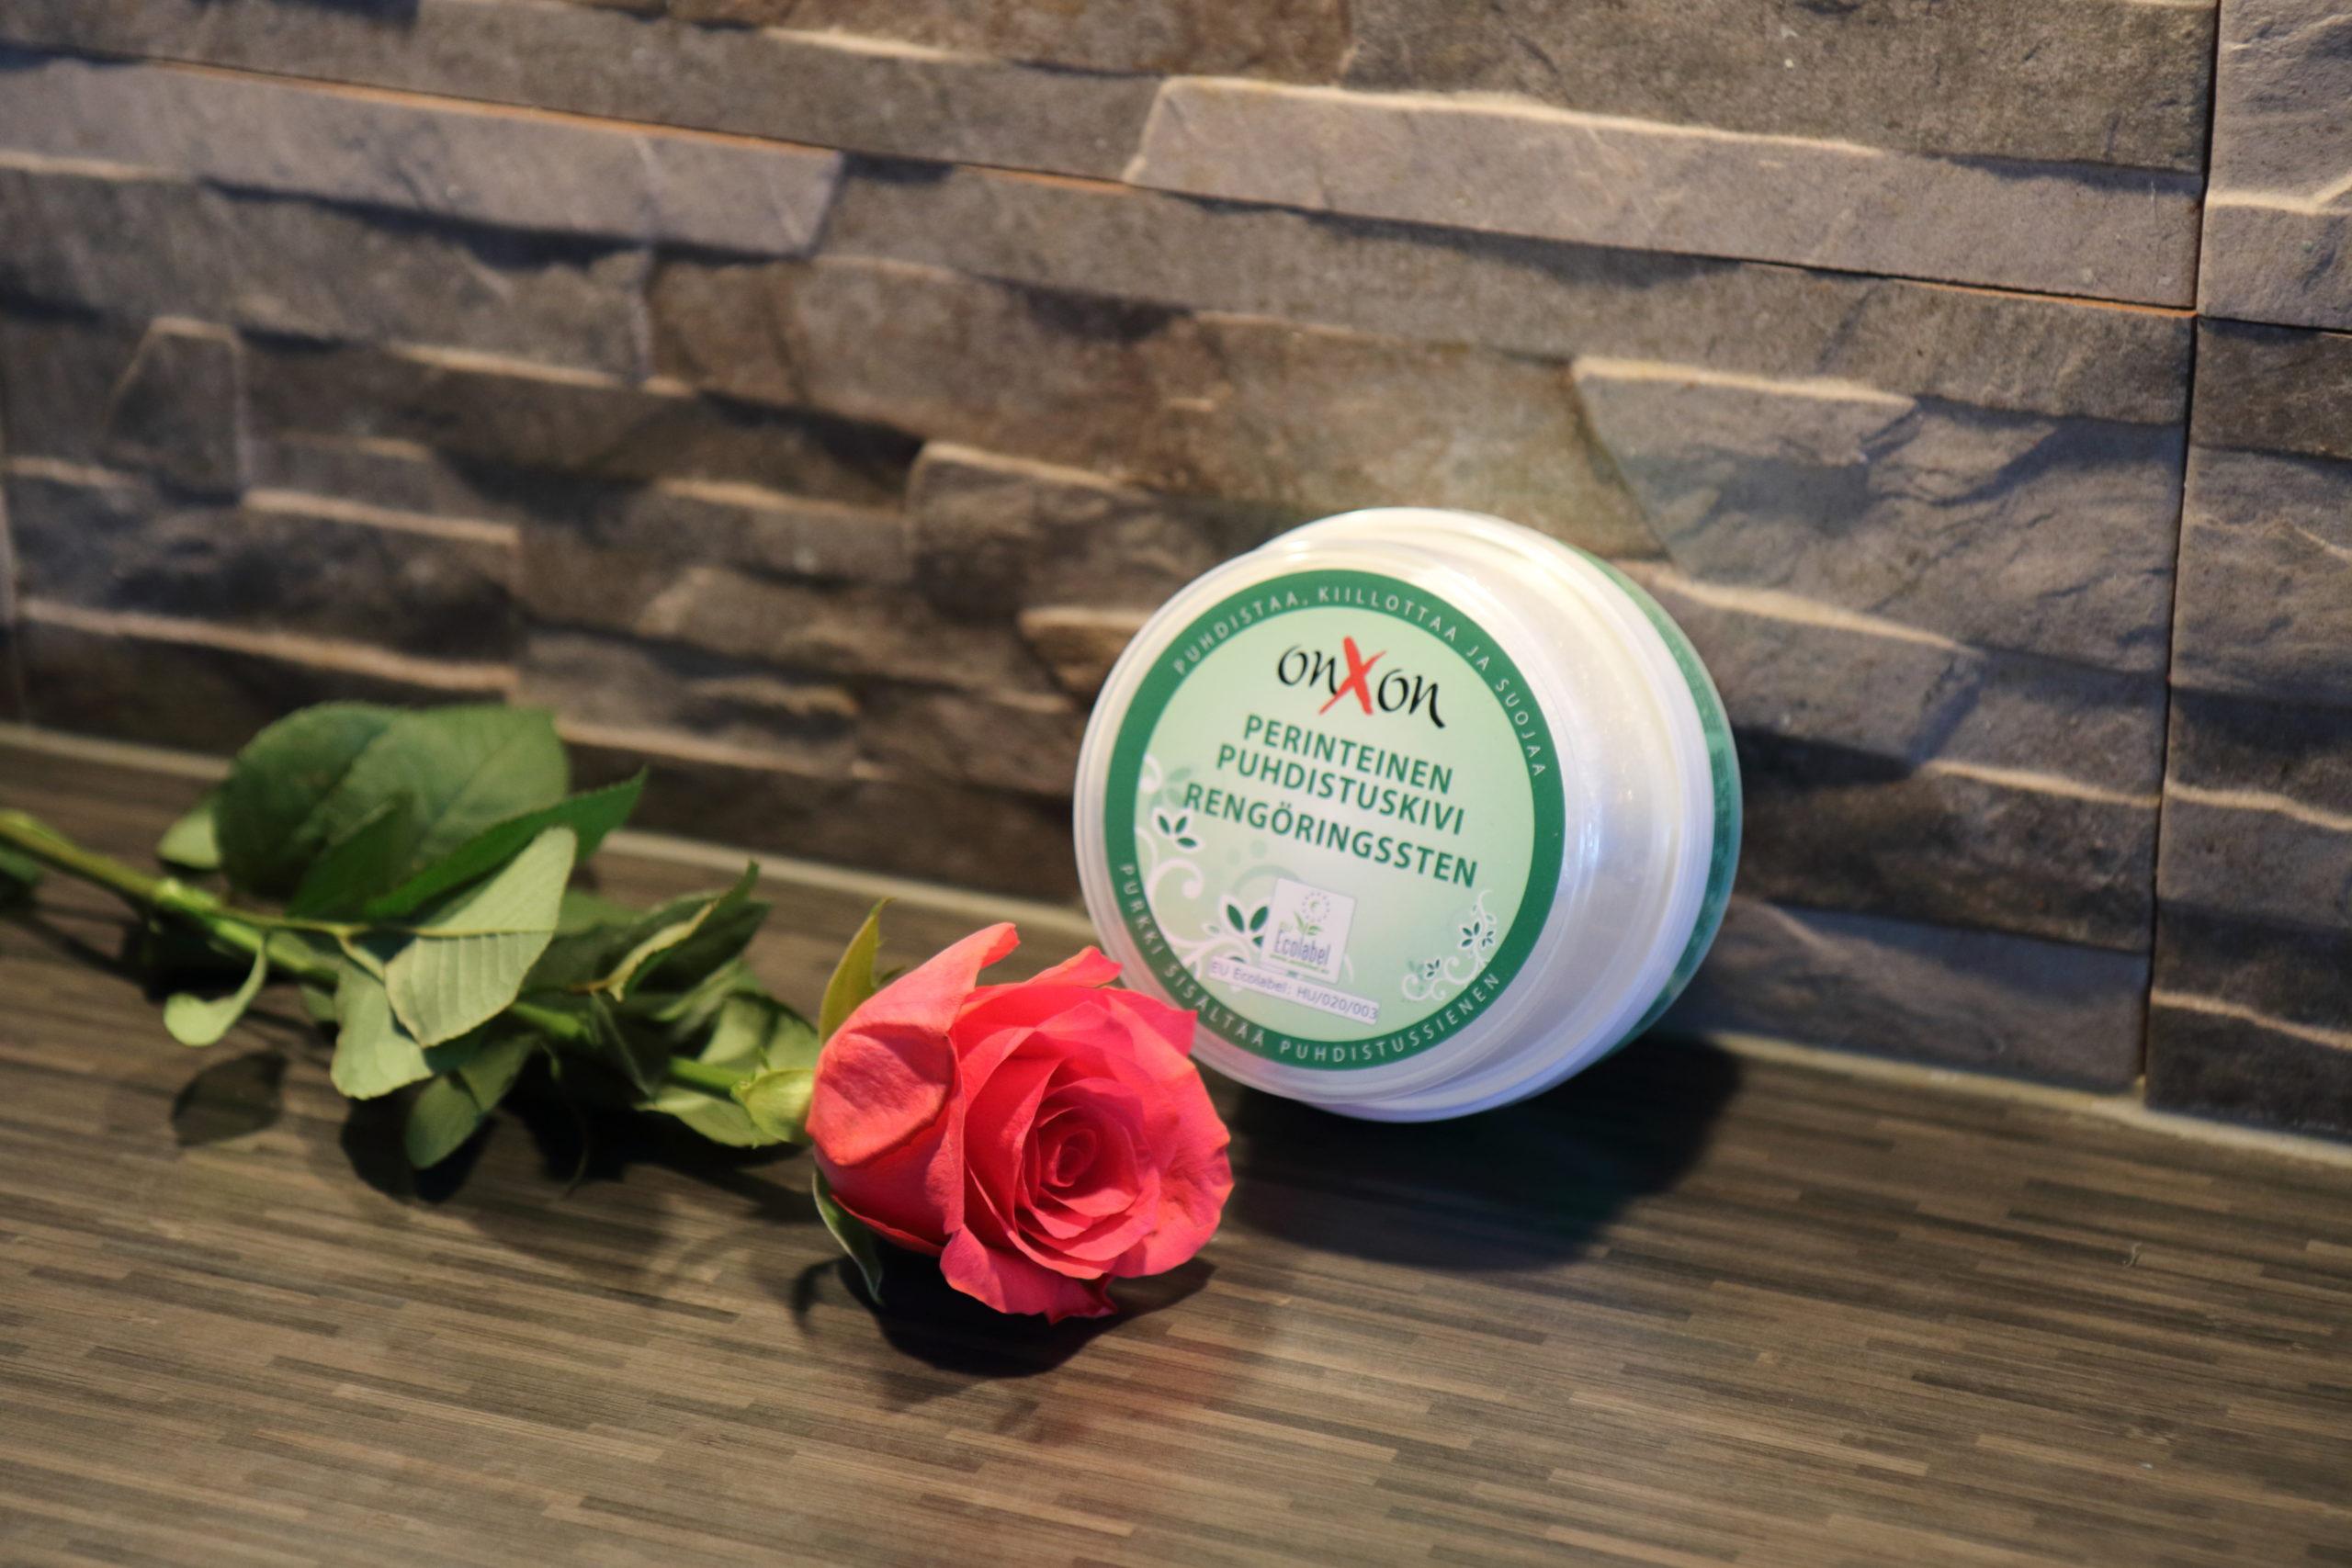 OnXOn Puhdistuskivi ja ruusu